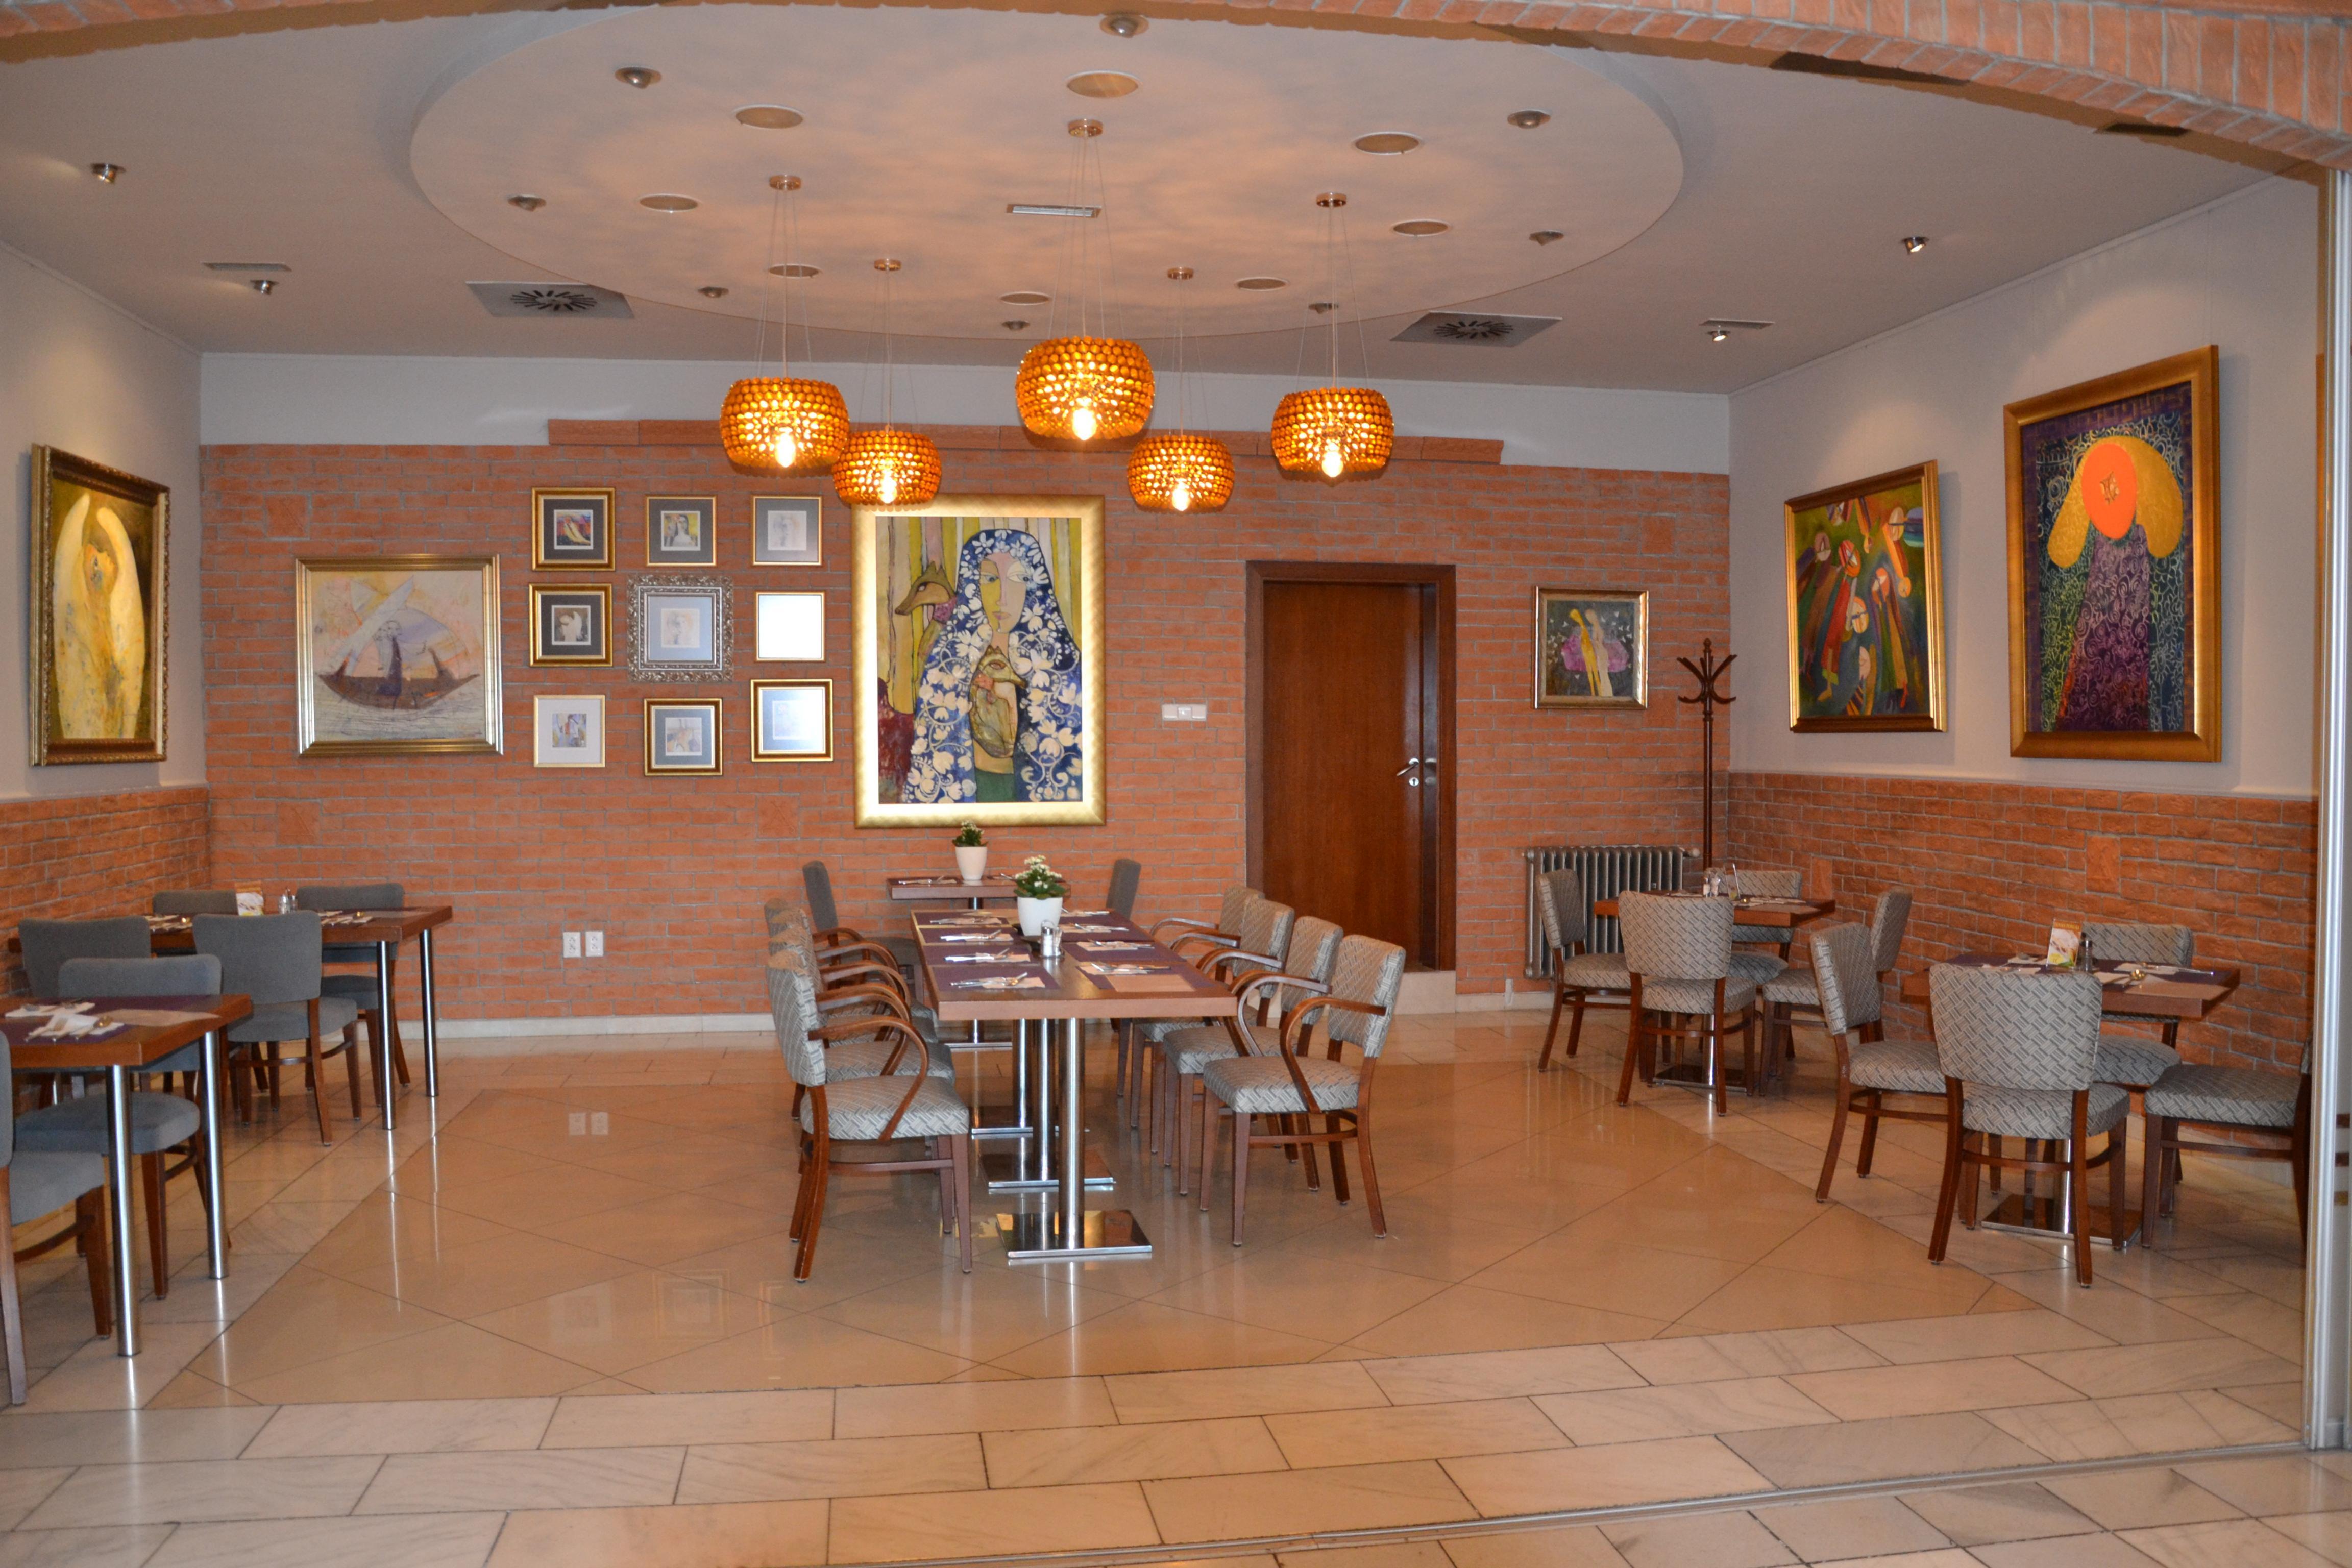 ccb10dfed Reštaurácia AXA Topoľčany - miesto výborného jedla a umenia ...